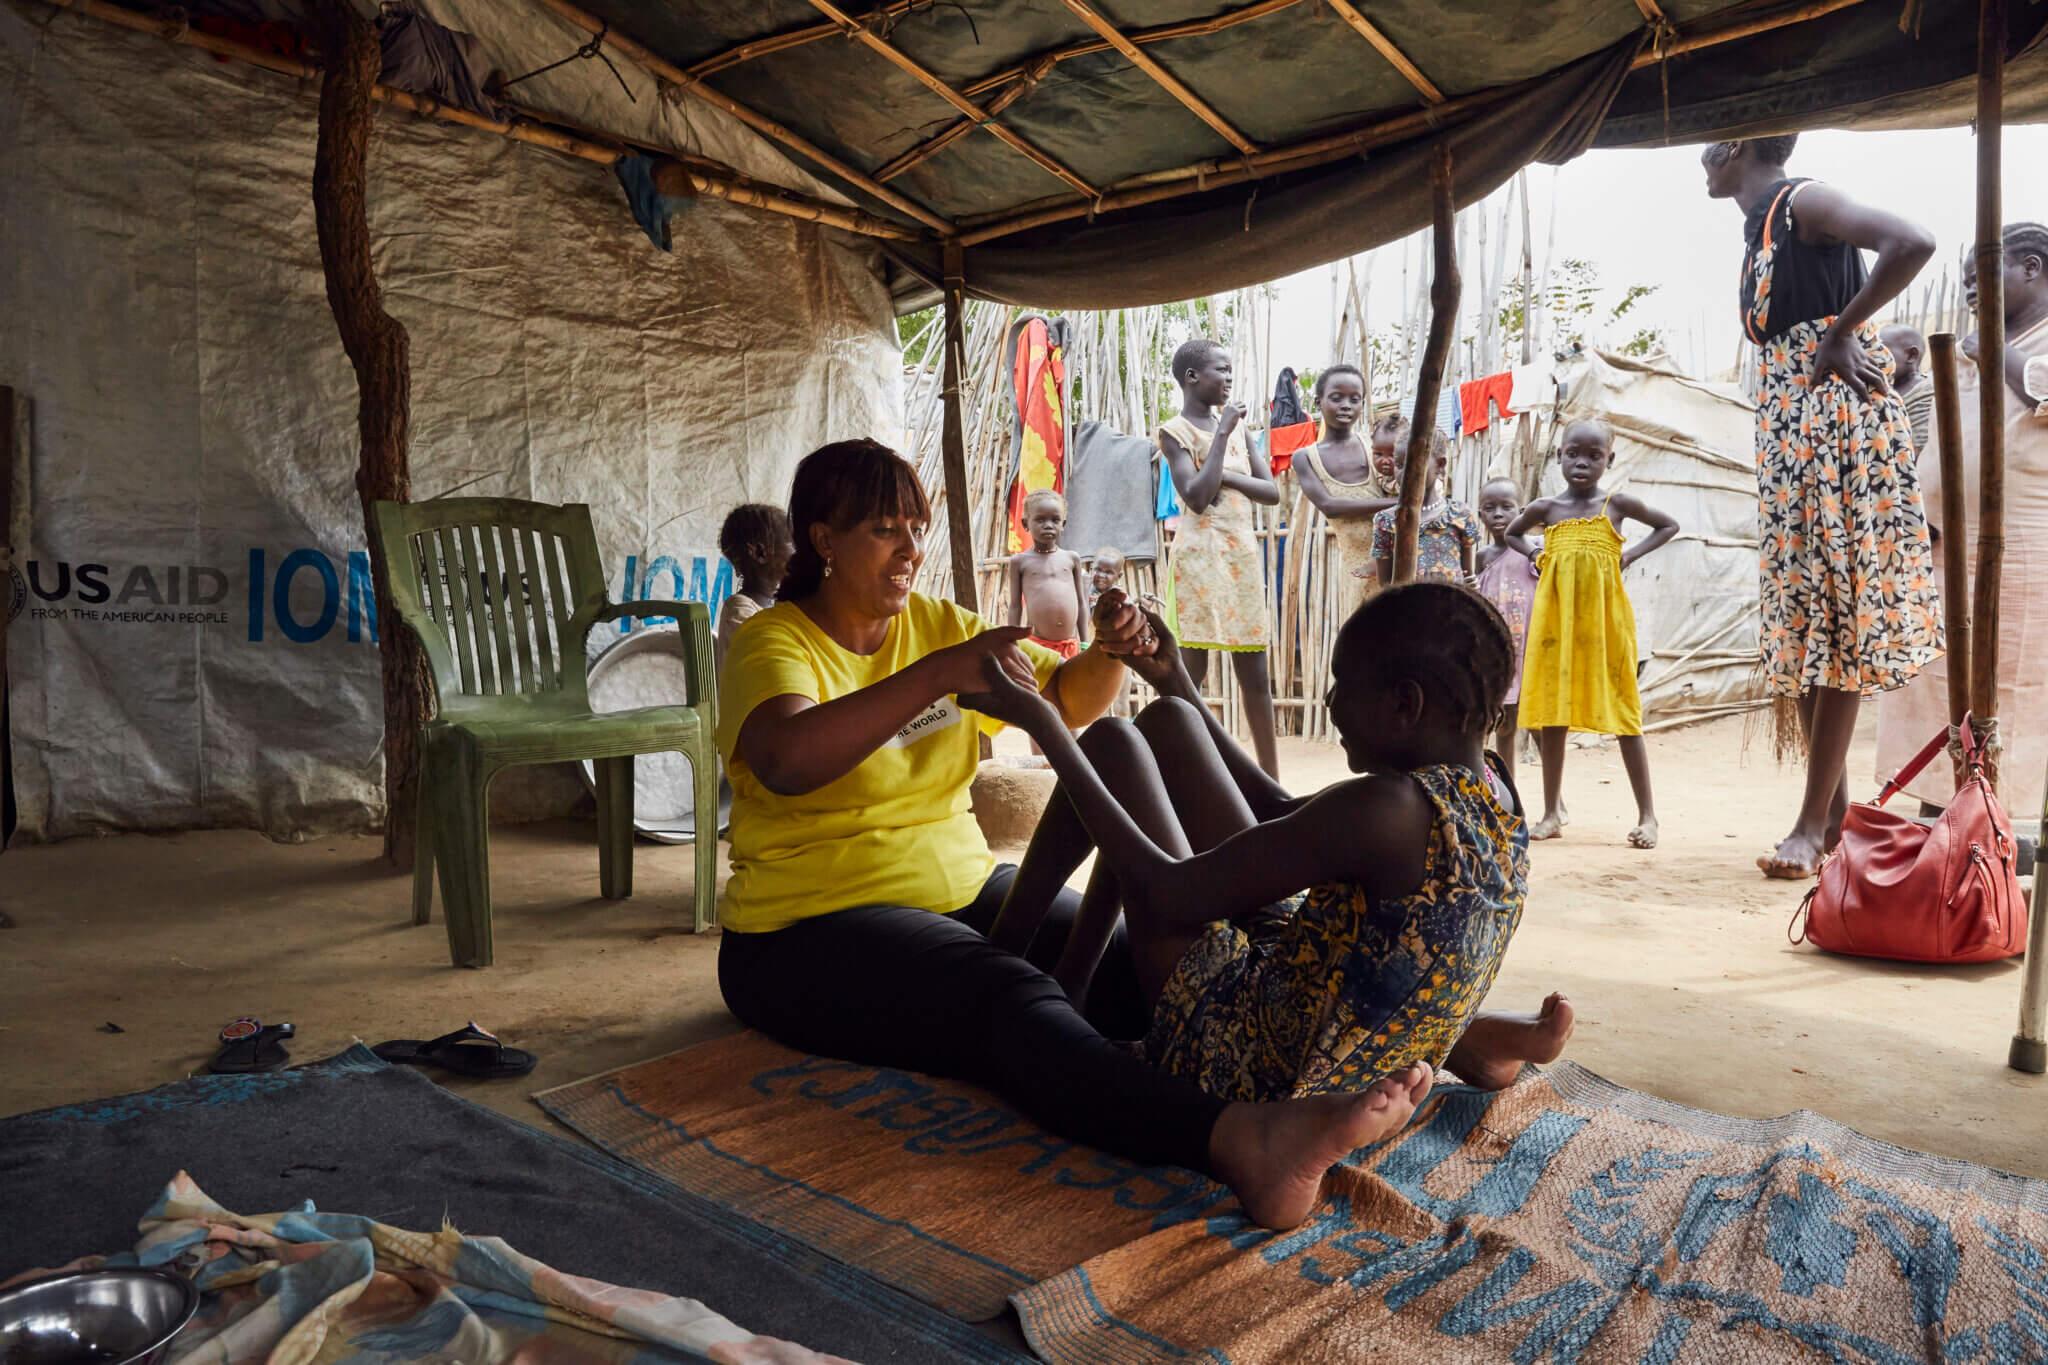 Mitarbeiterin Sophia Mohammed sitzt im Flüchtlingslager im Südsudan am Boden und hilft einem Mädchen bei ihren Rehabilitationsübungen.